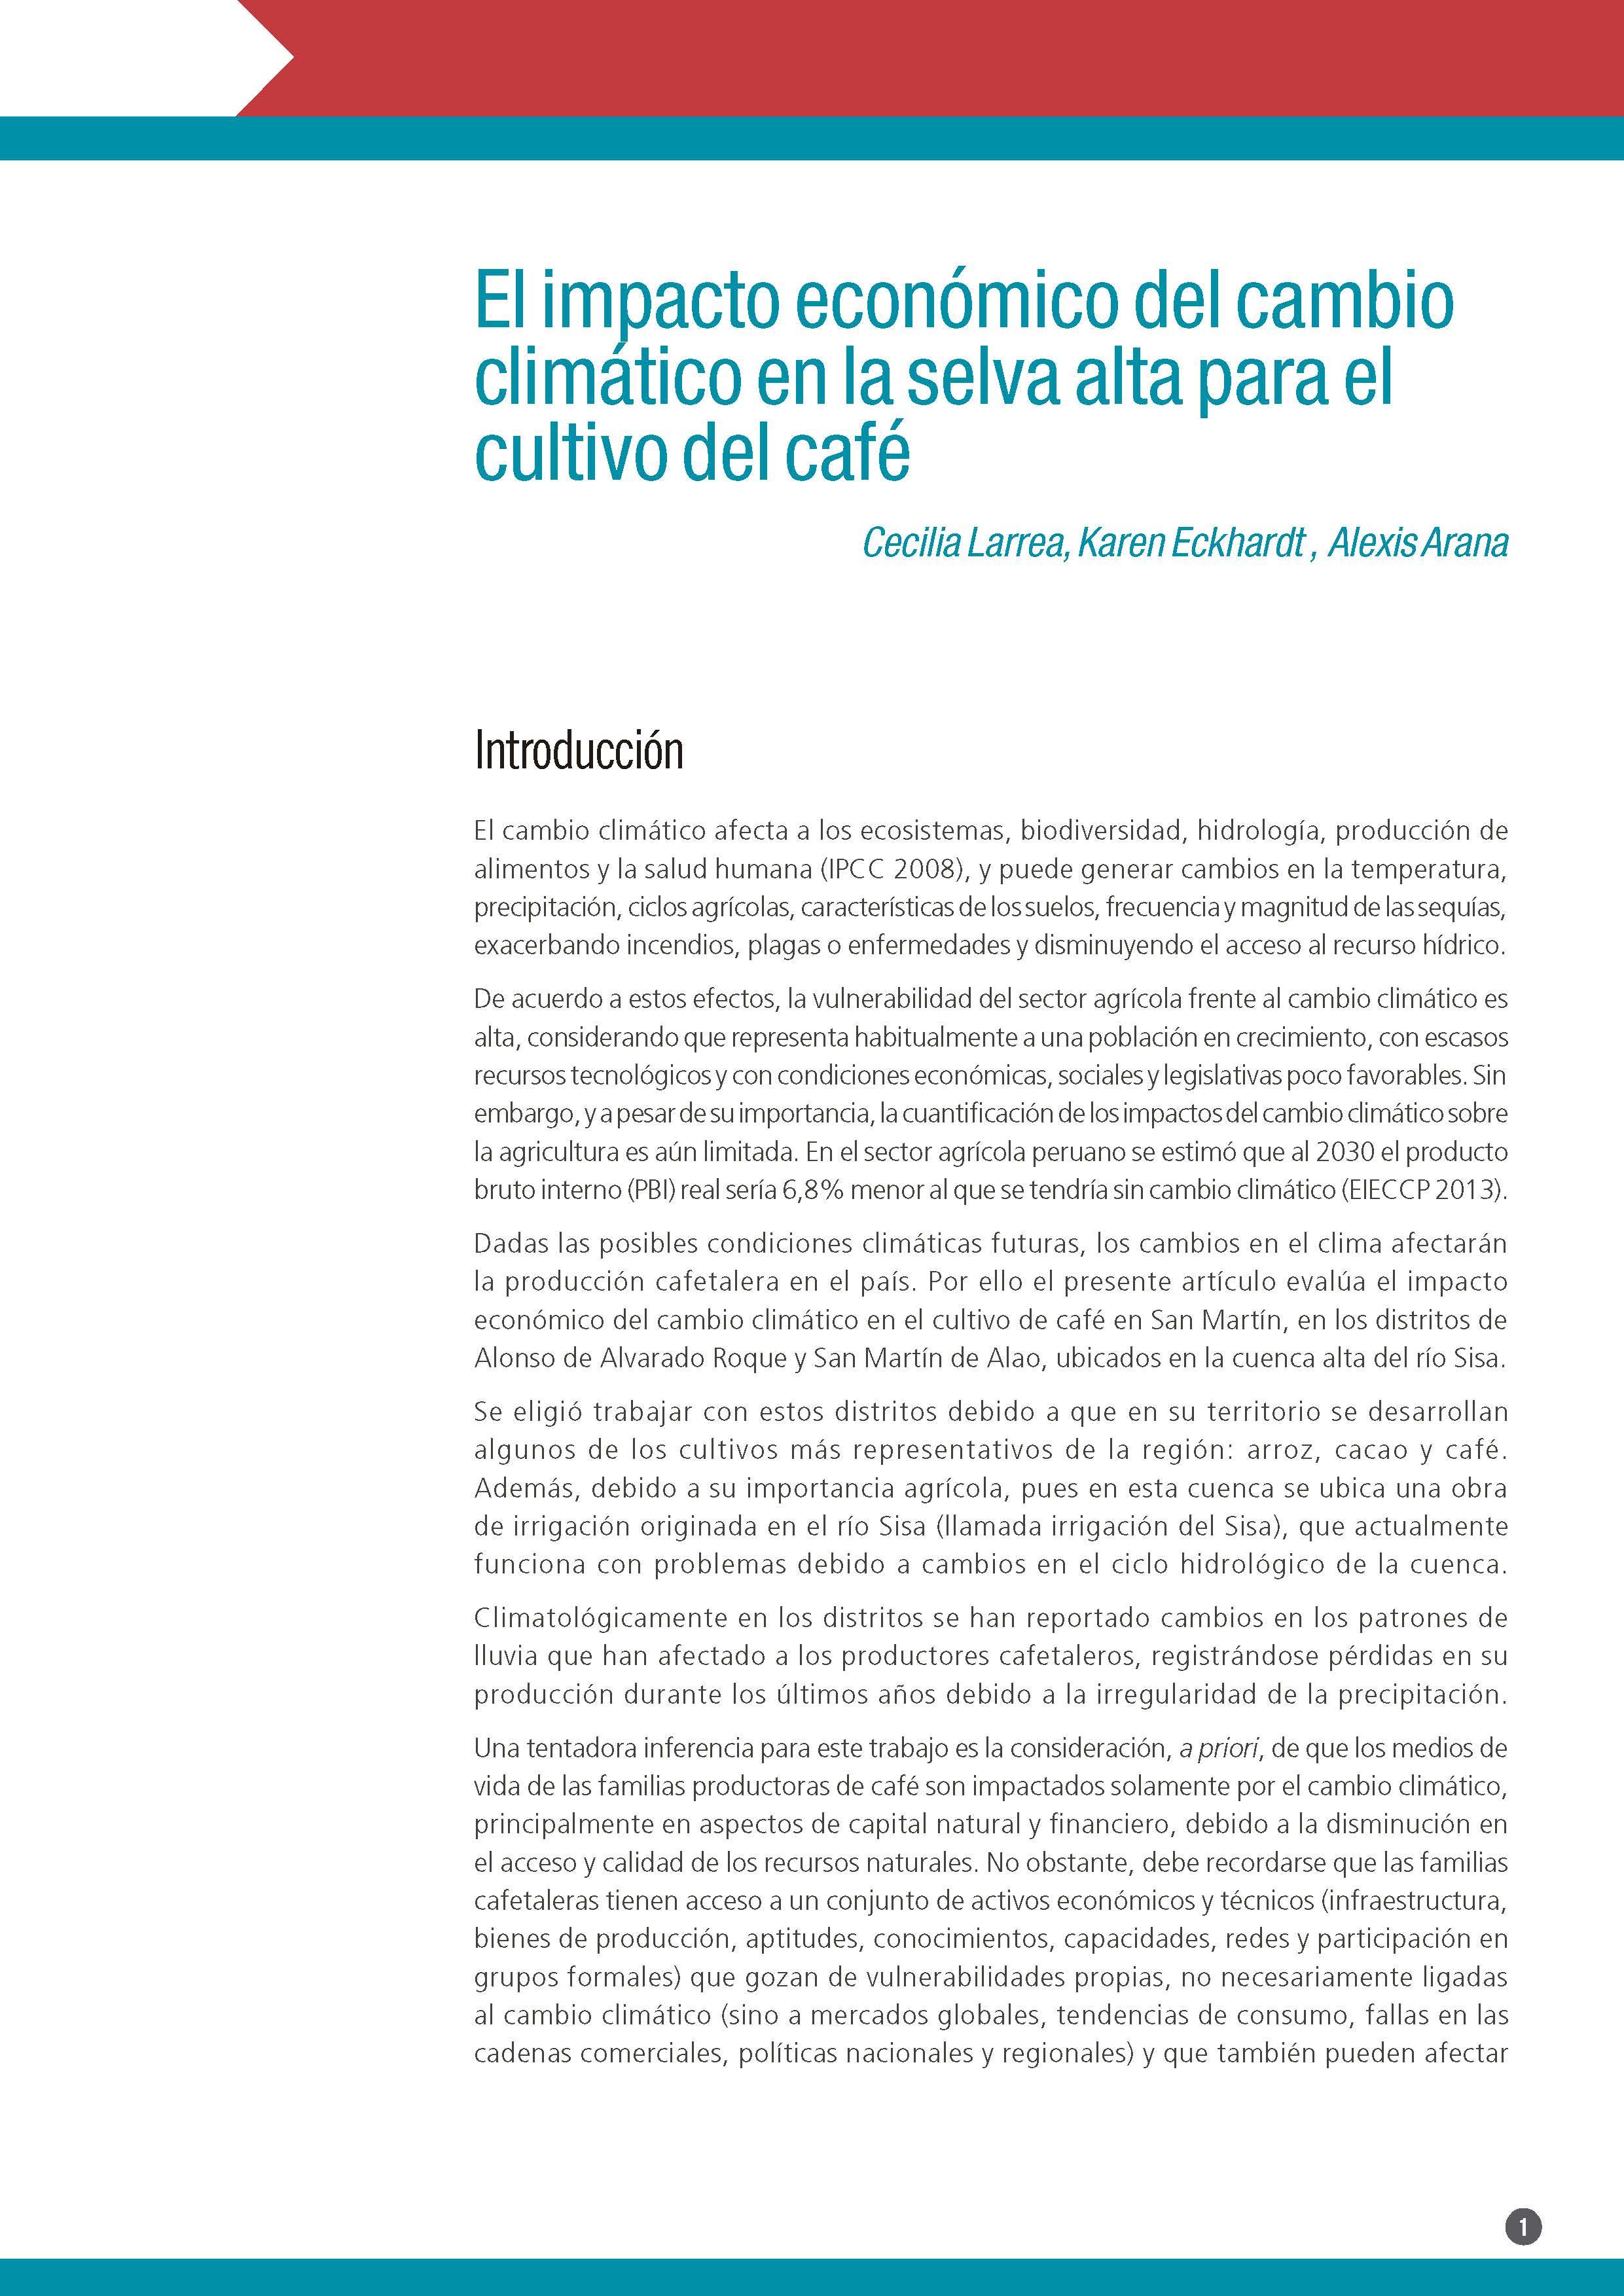 El impacto económico del cambio climático en la selva alta para el cultivo del café